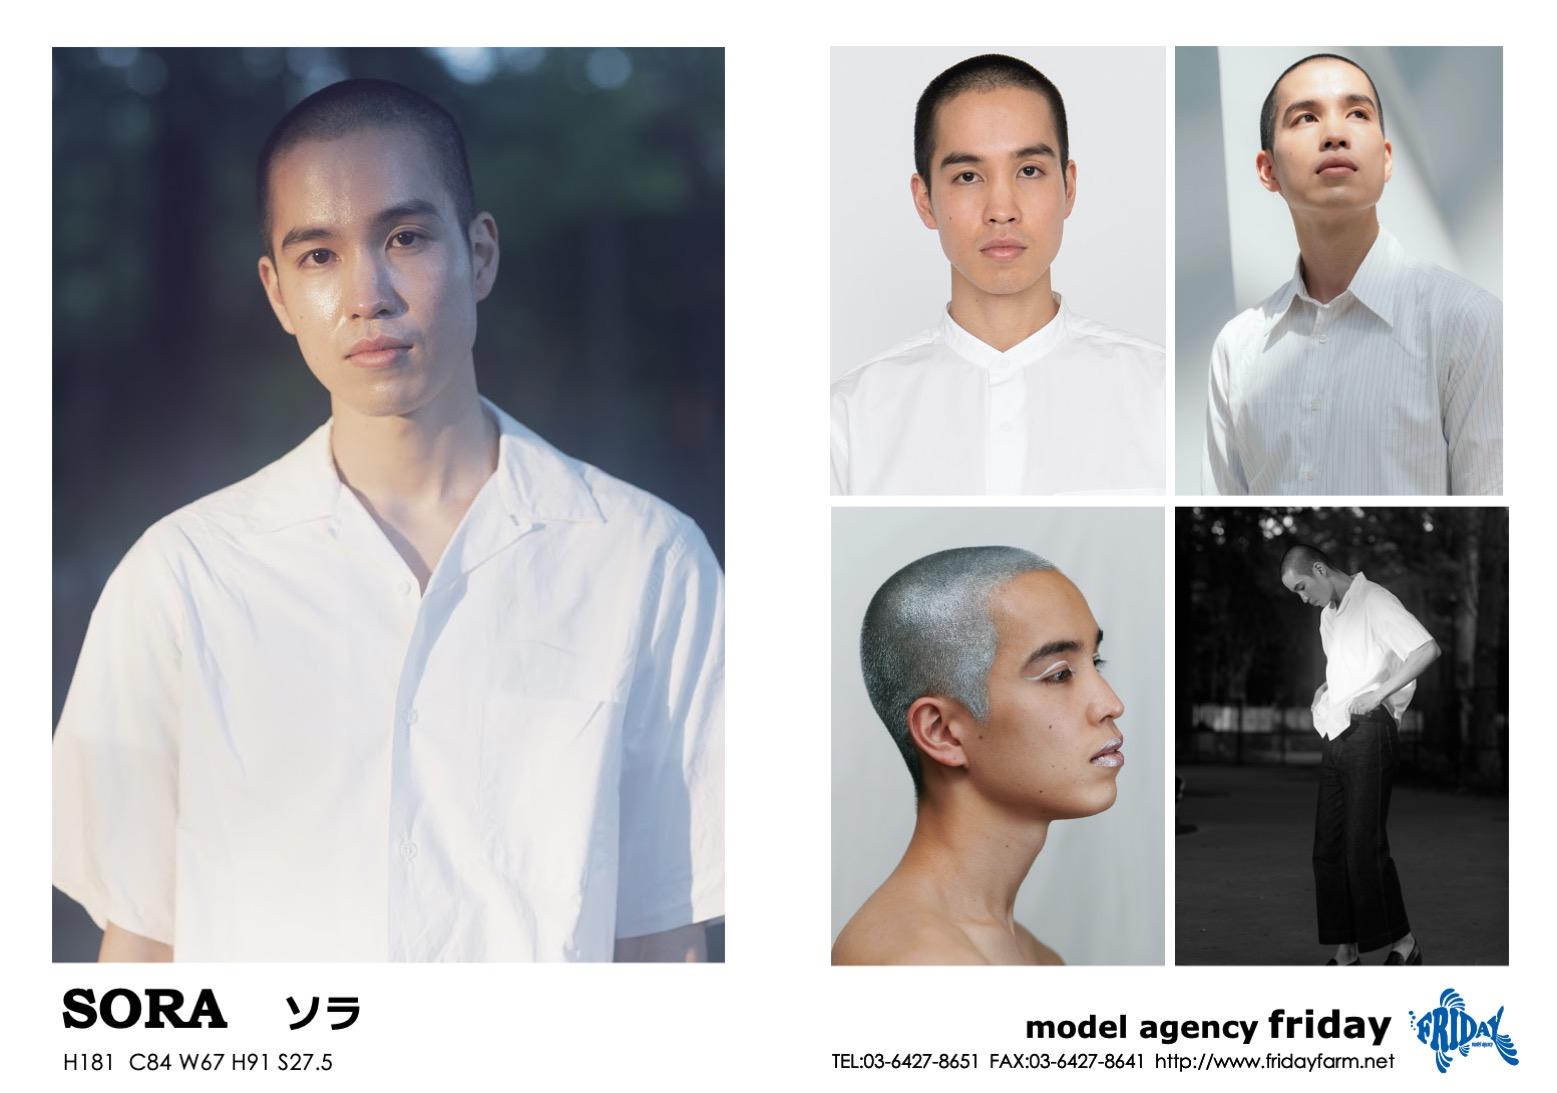 SORA - ソラ | model agency friday